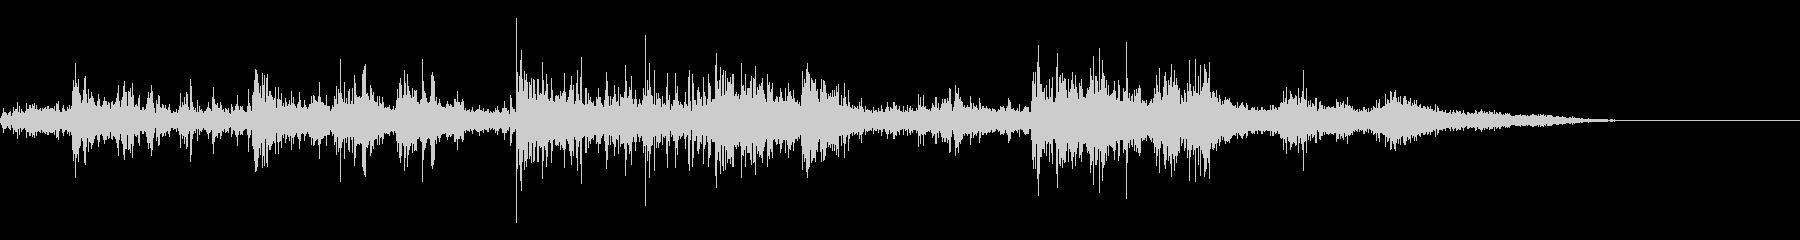 カミナリ(遠雷)-35の未再生の波形